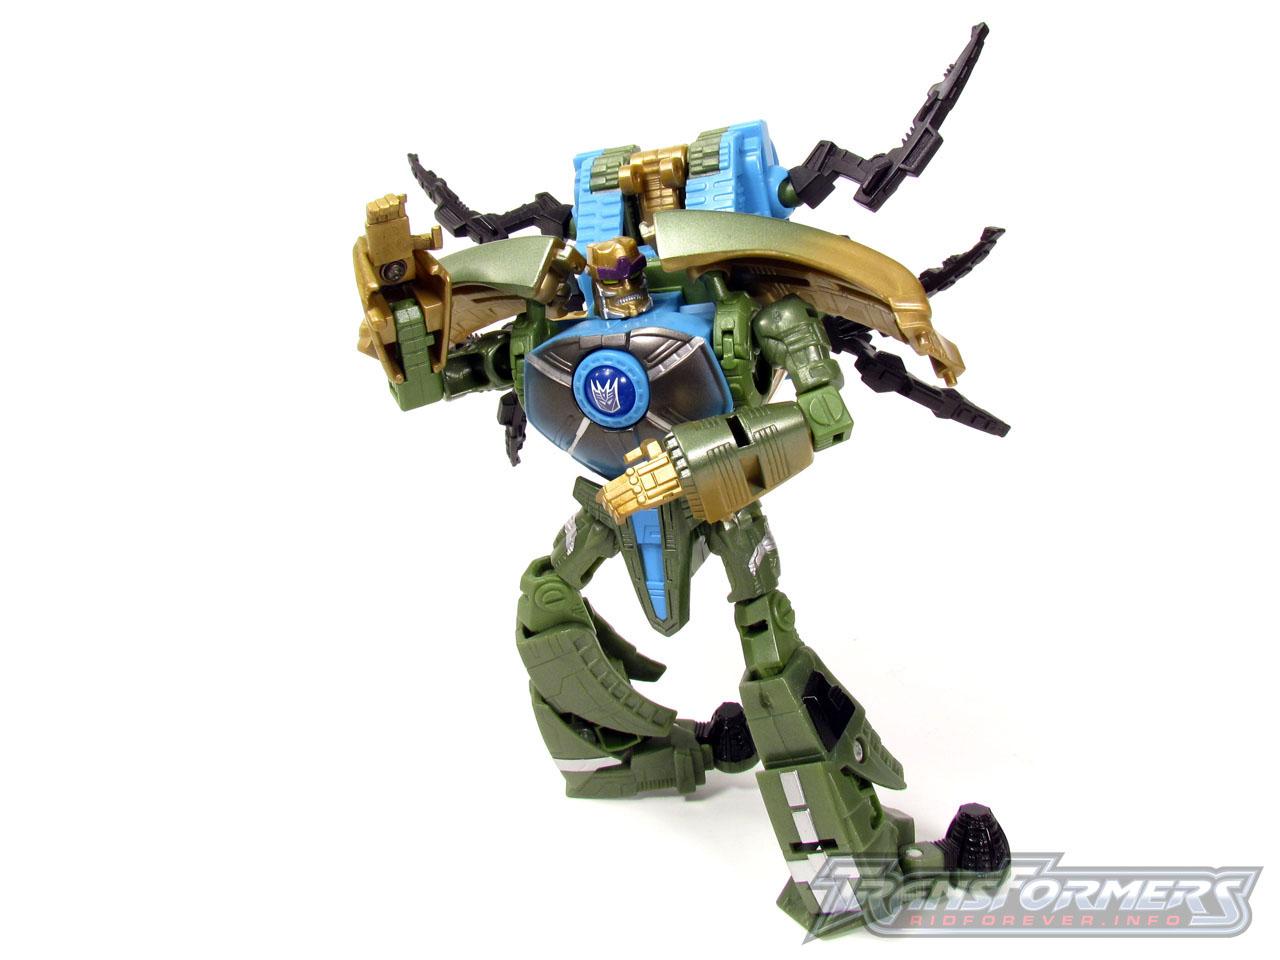 RID Megabolt Megatron Green 012